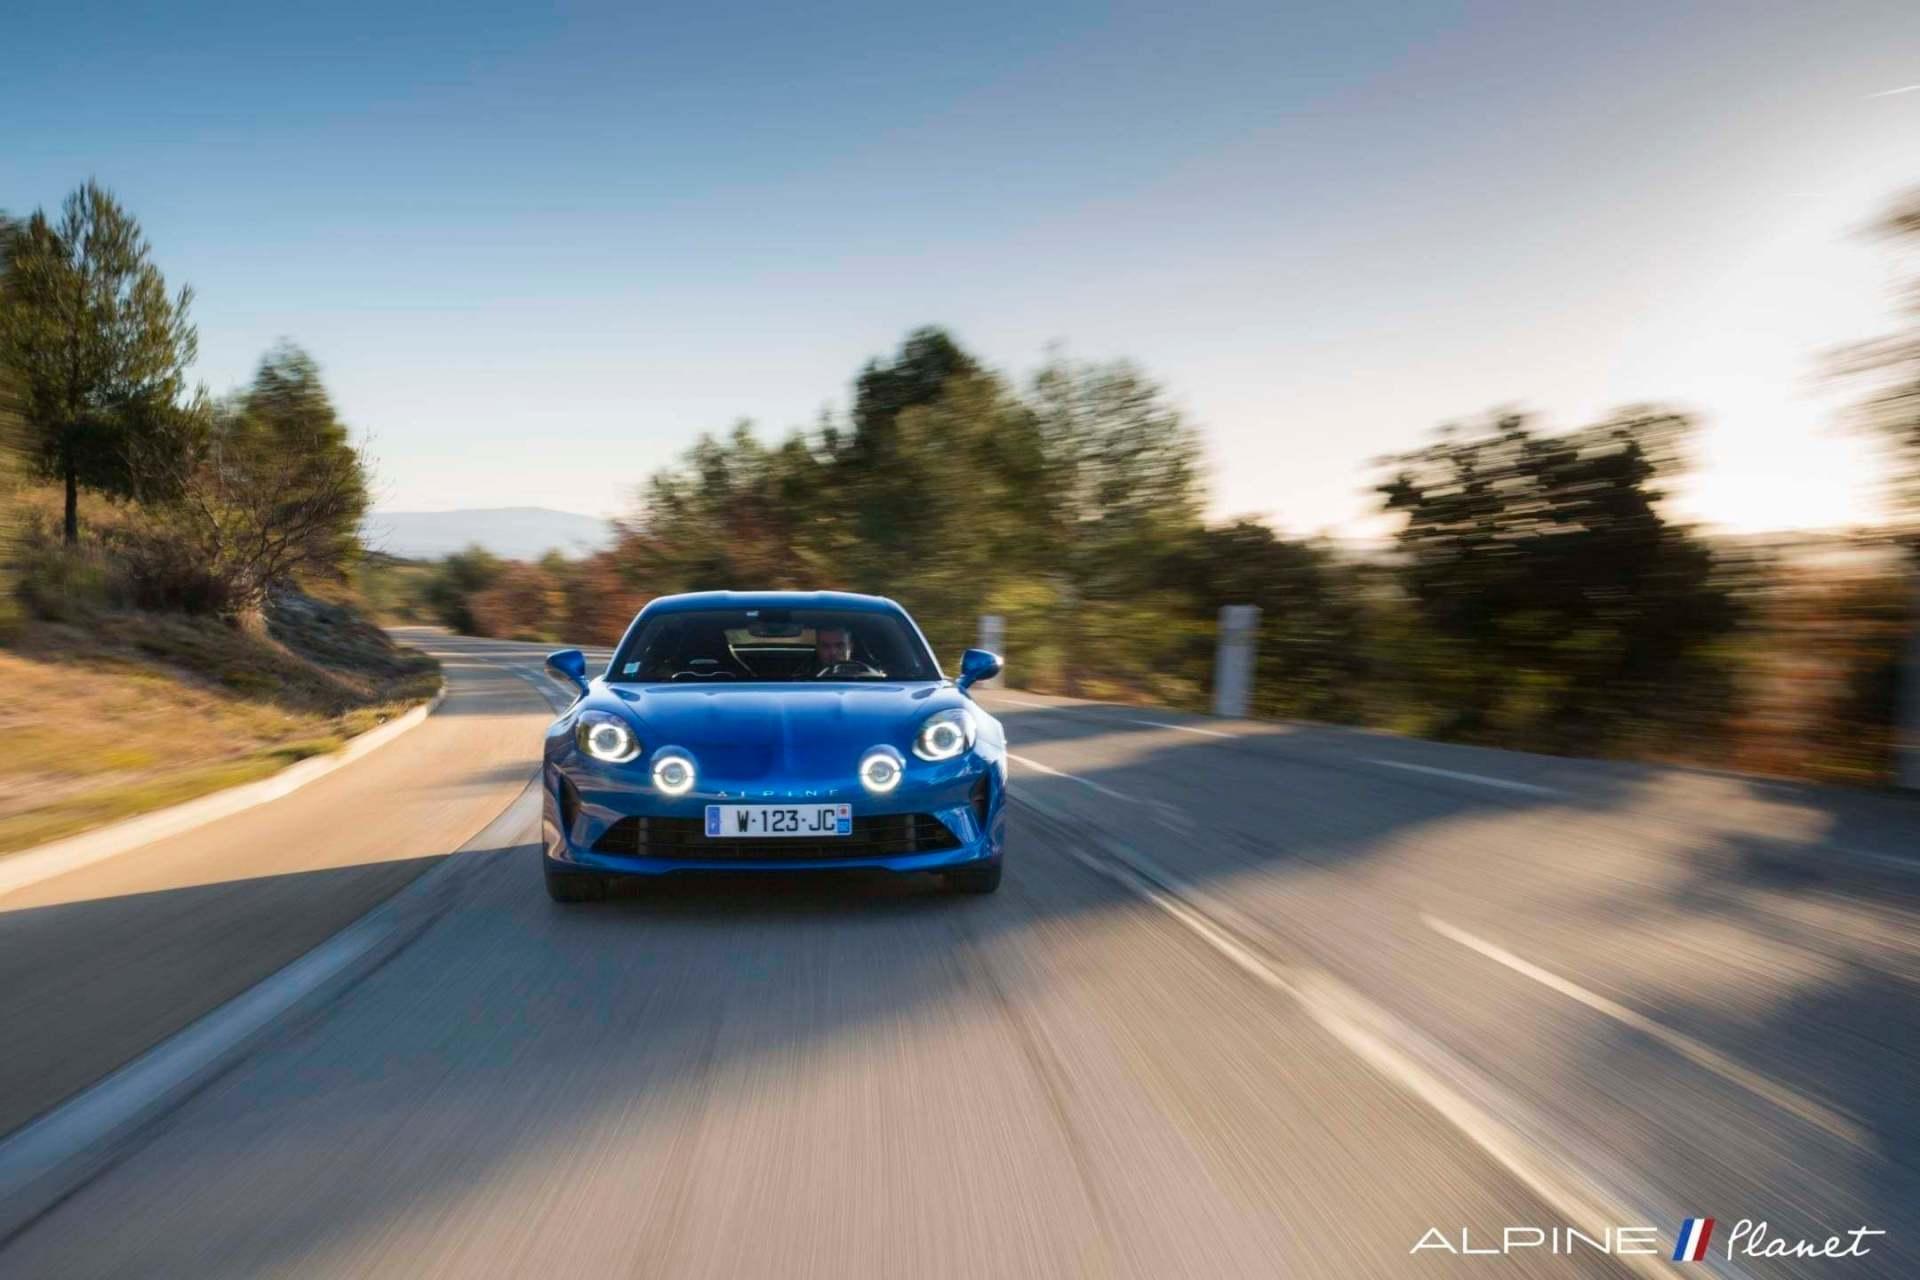 Notre essai de la nouvelle Alpine A110 sur route ! 2